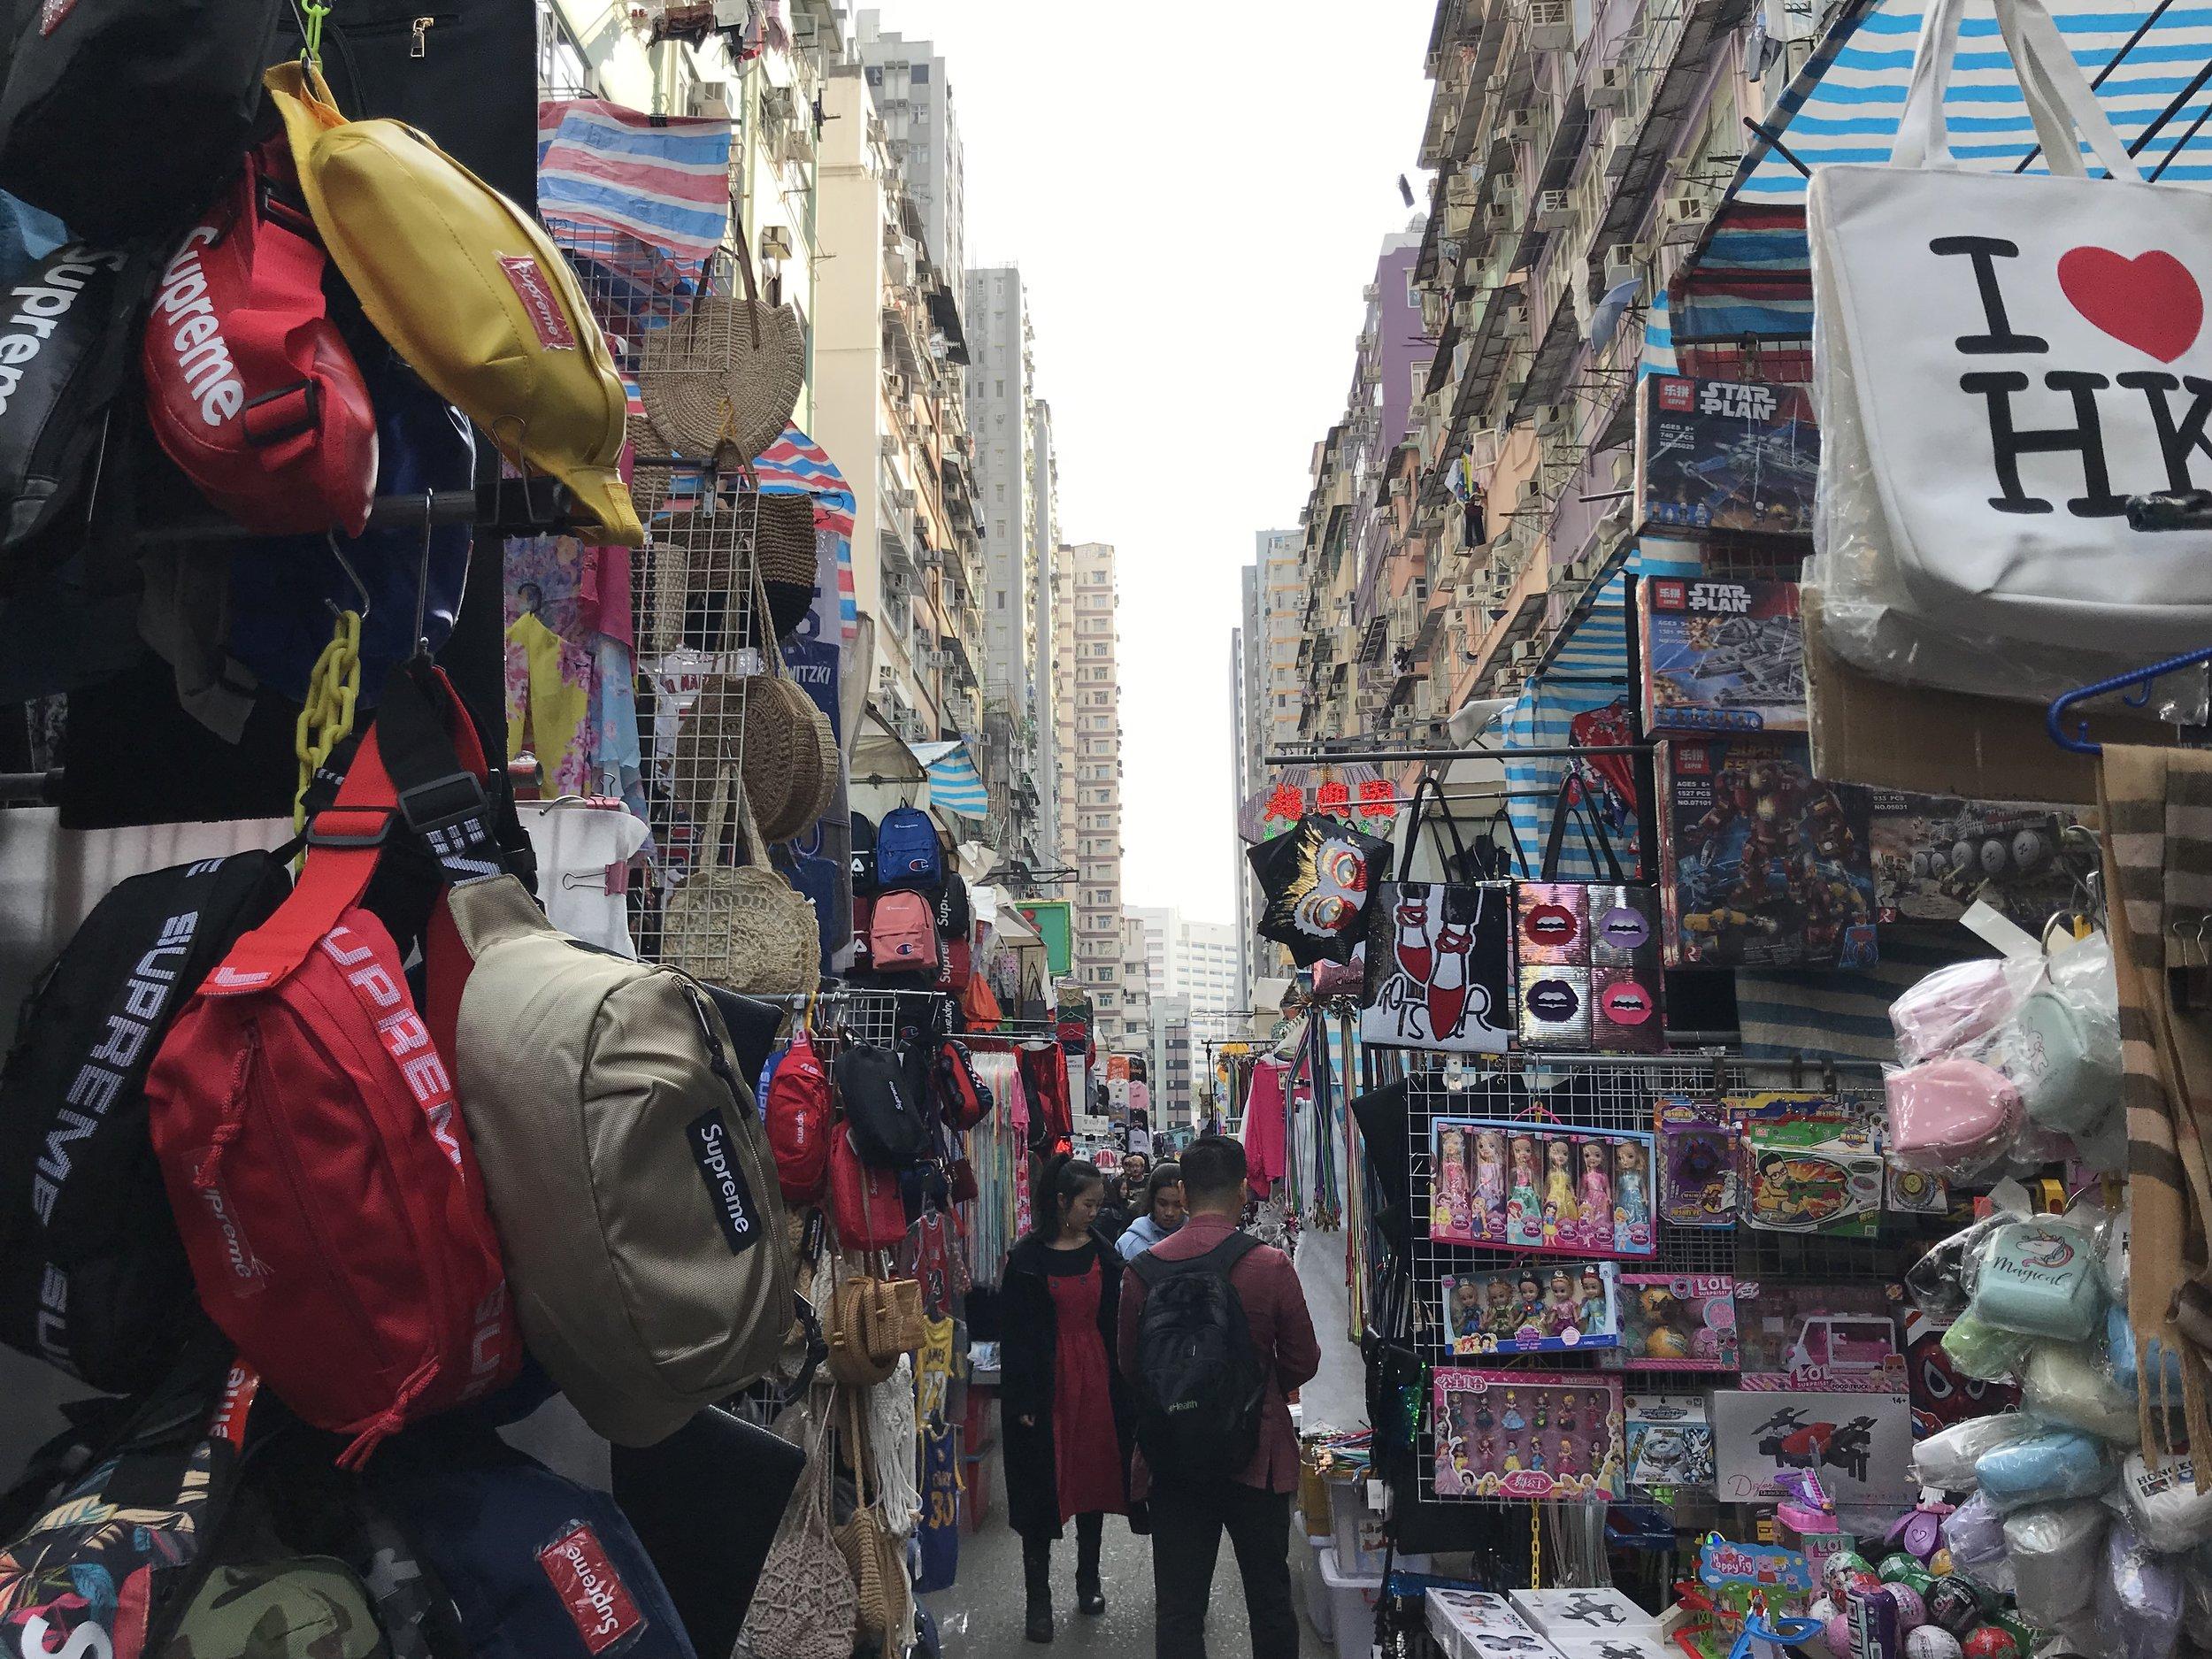 Khu bán đồ lộ thiên trên đường phố Kowloon.